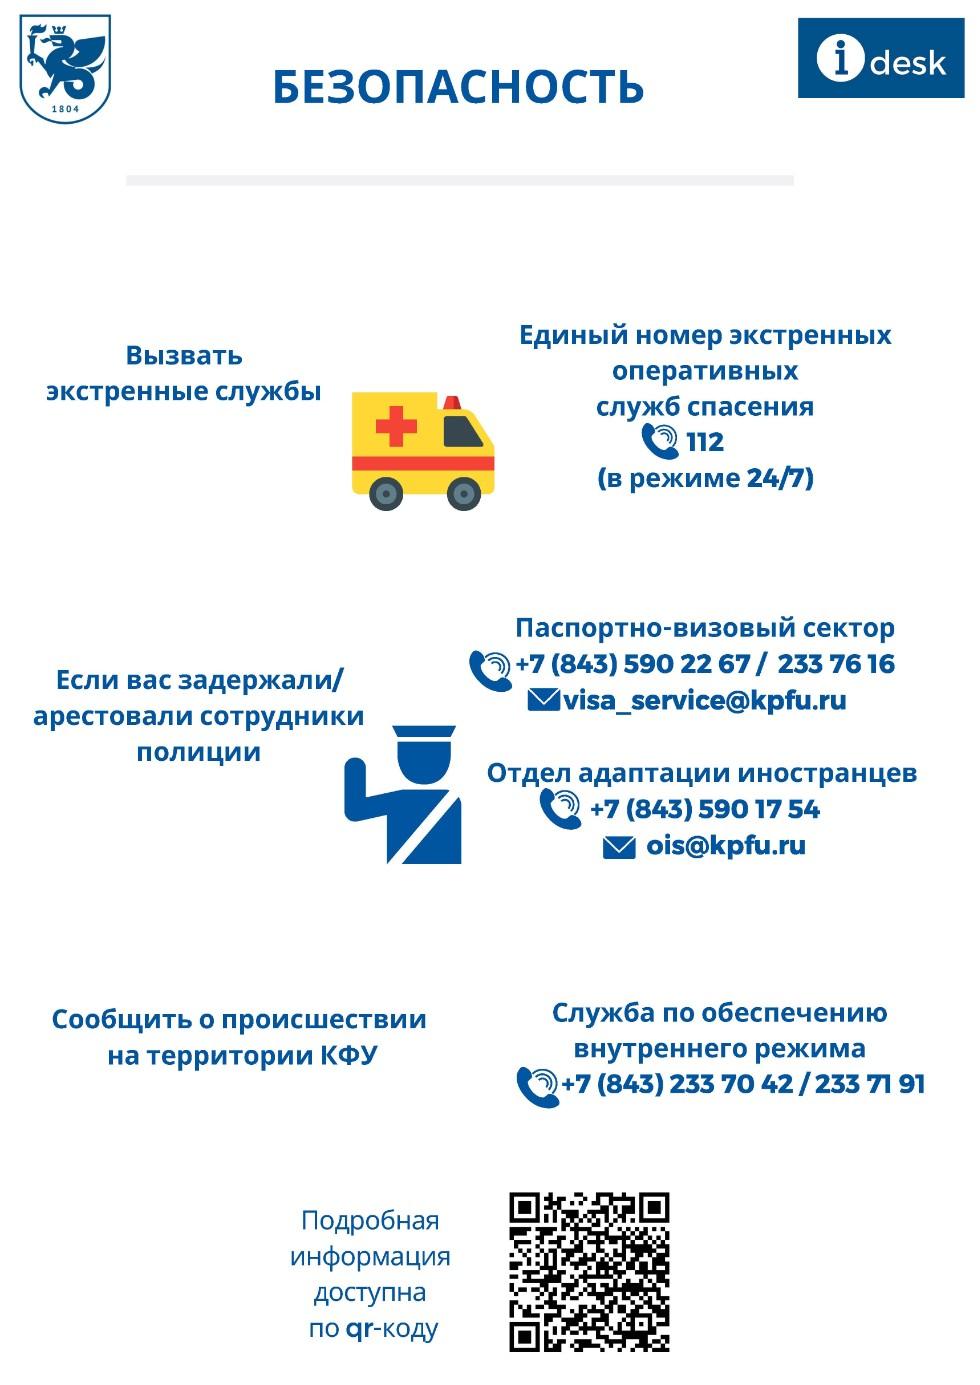 ПОРТАЛ КФУ \ Международная деятельность \ Адаптация иностранных граждан \ Полезные контакты